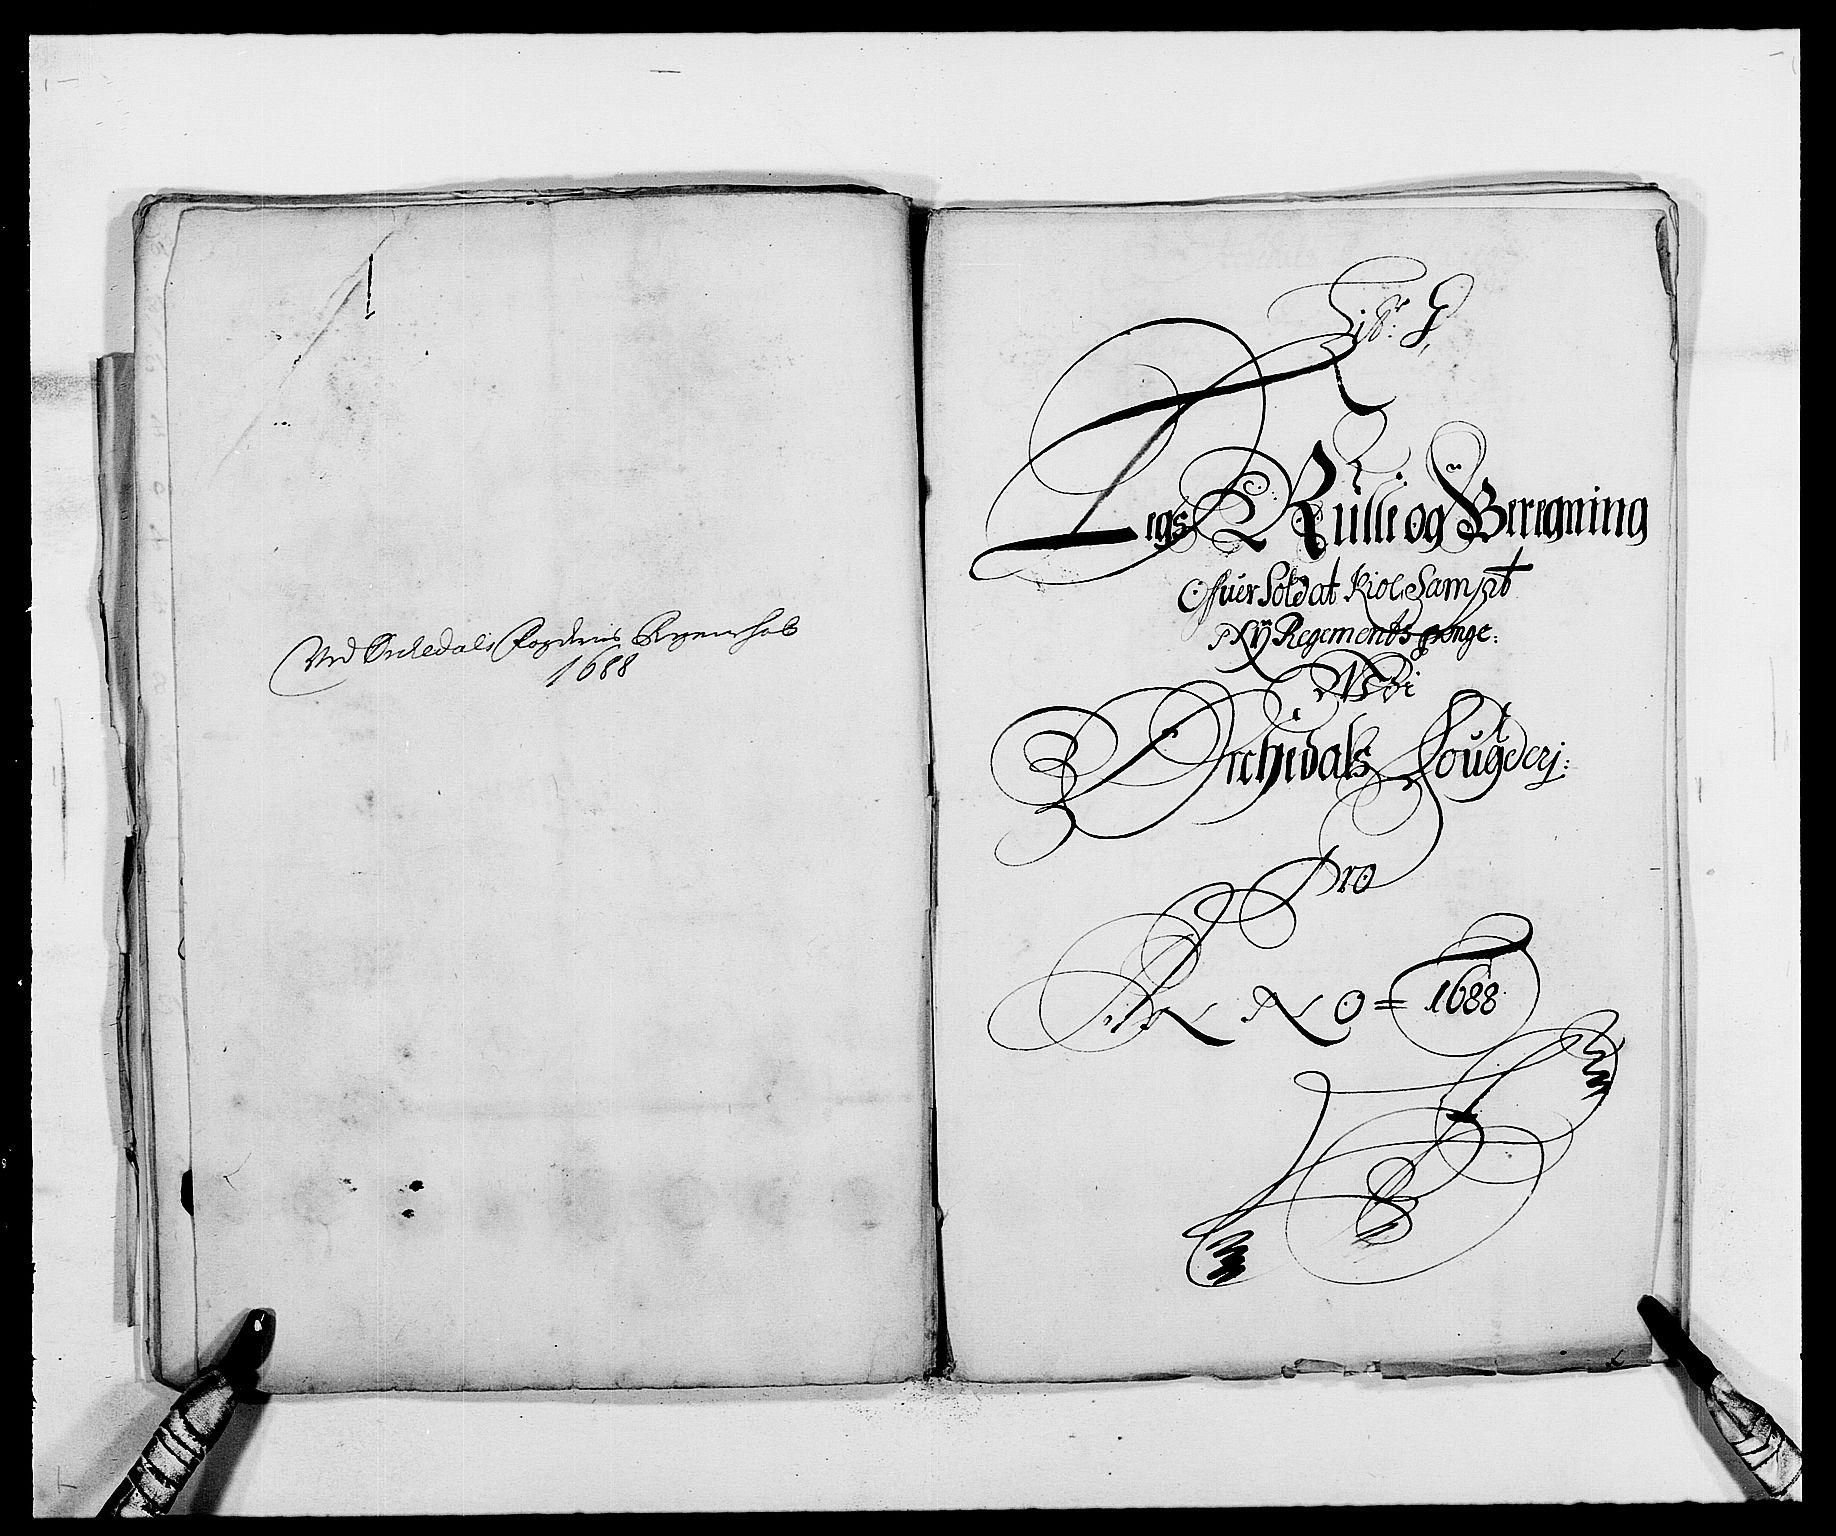 RA, Rentekammeret inntil 1814, Reviderte regnskaper, Fogderegnskap, R58/L3935: Fogderegnskap Orkdal, 1687-1688, s. 280